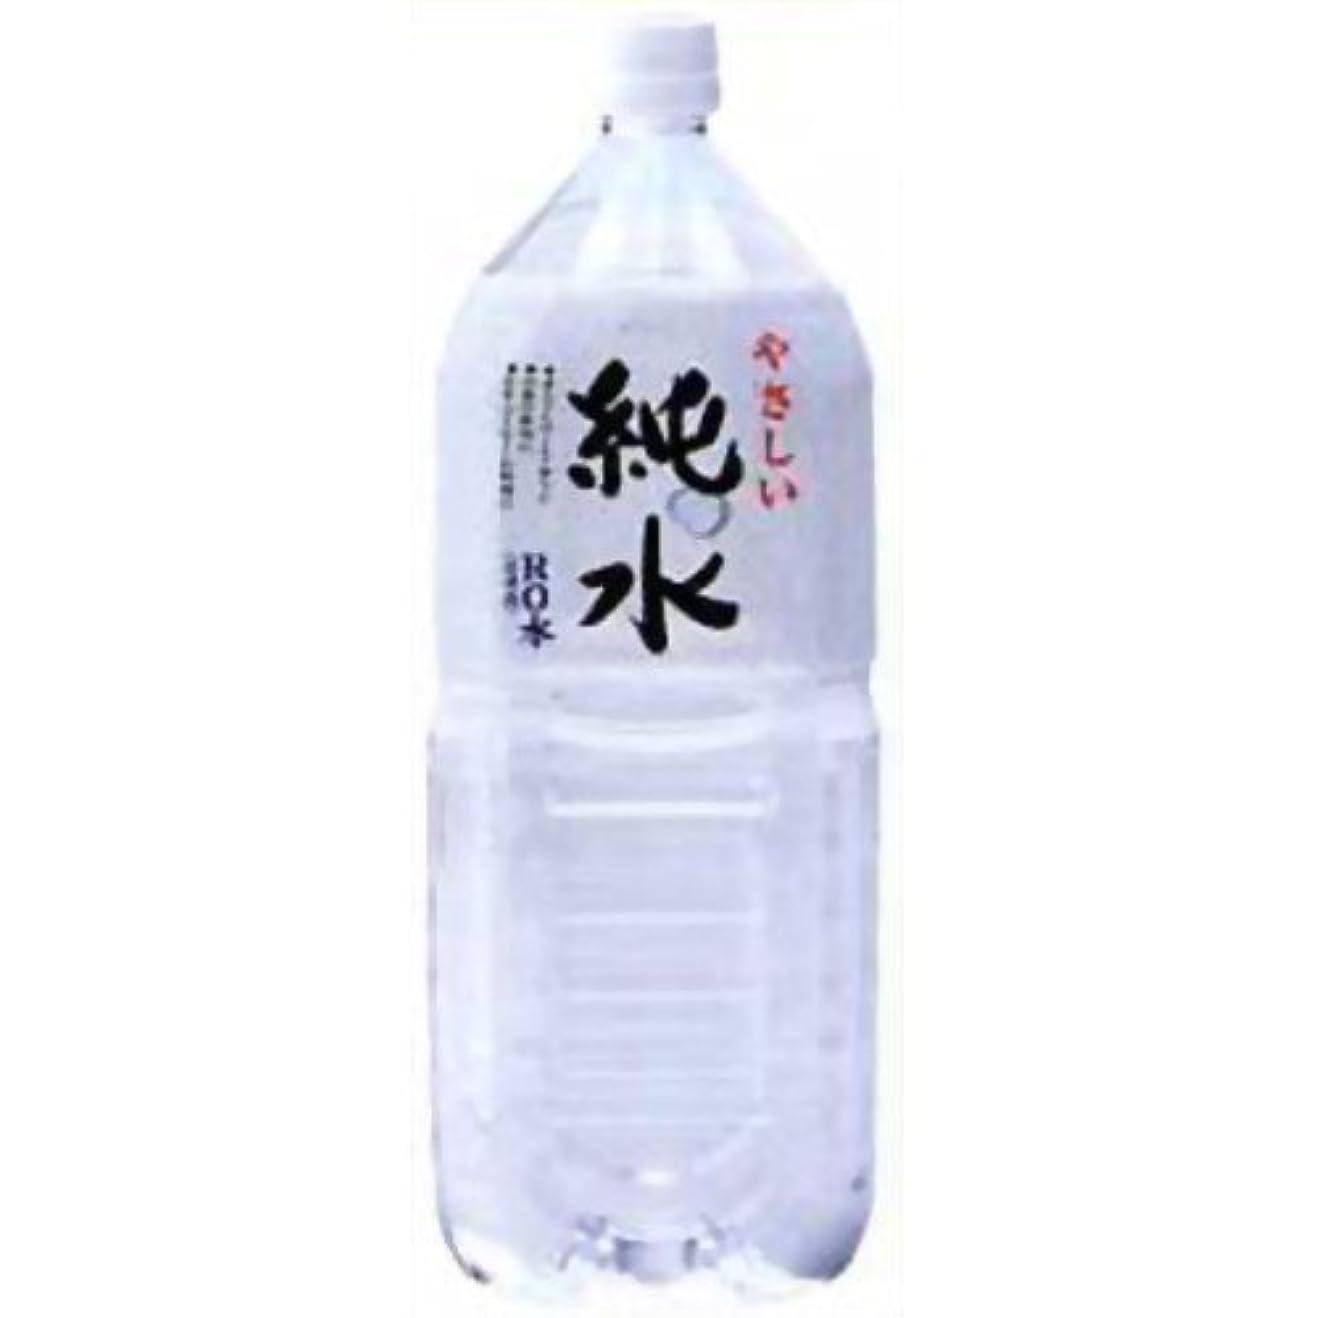 信条栄光鳴らす赤穂化成 やさしい純水 (RO水) 2L PET×6本